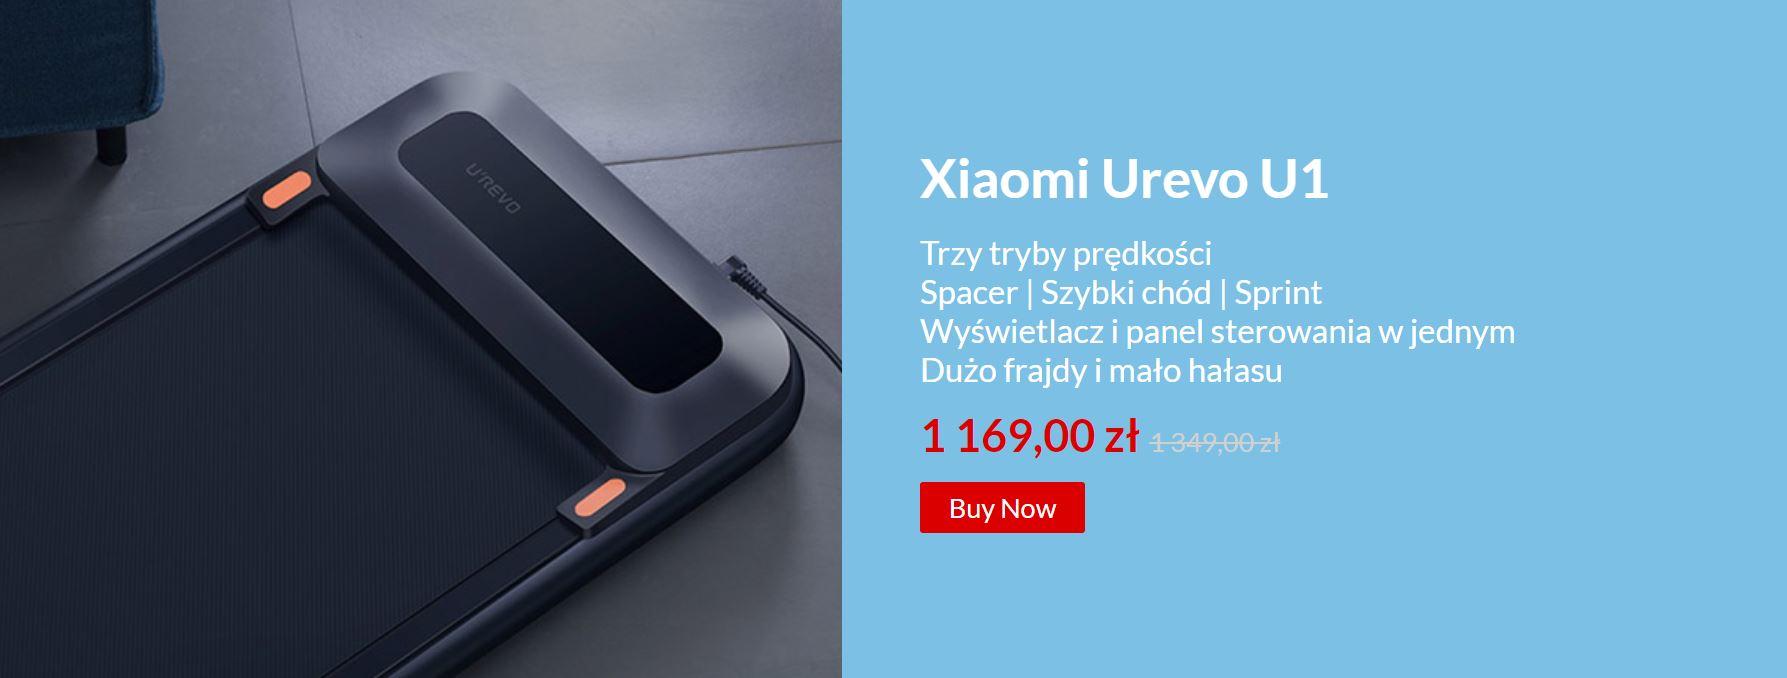 Noworoczna wyprzedaż sprzętu fitness - bieżnie i rowerki w super cenach - Xiaomi Urevo U1